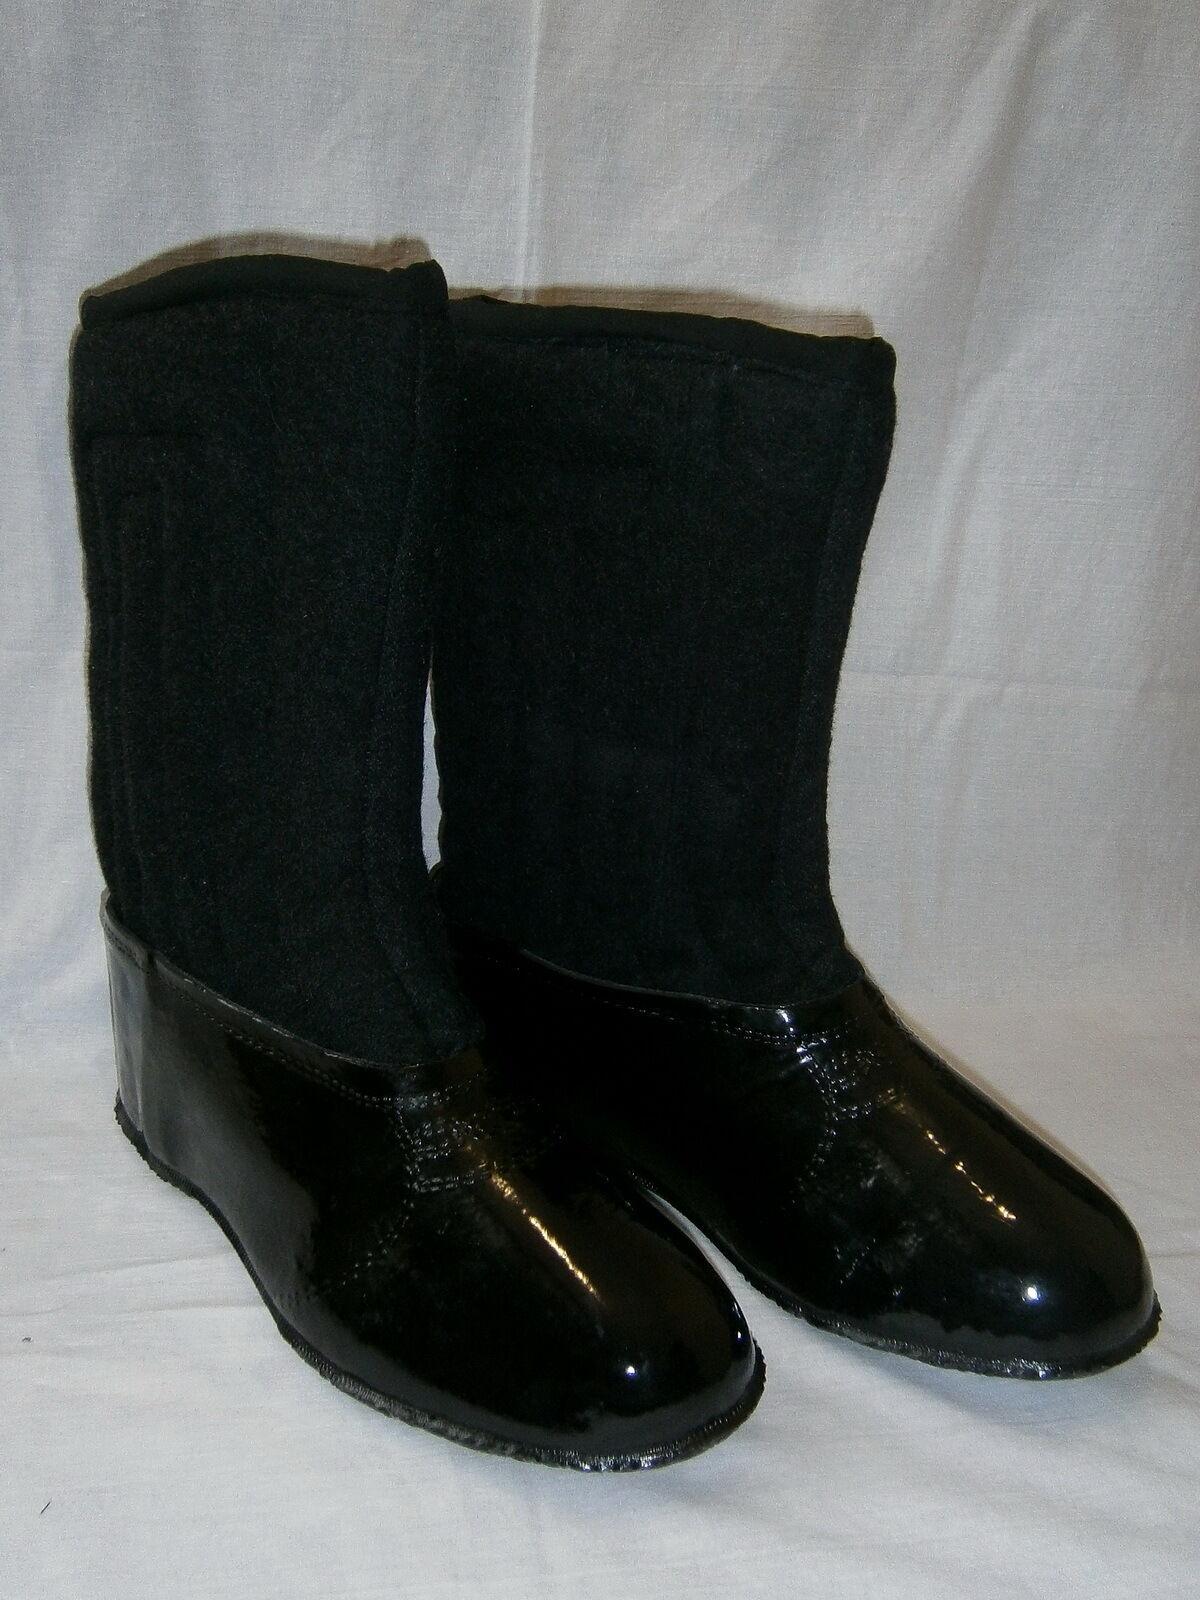 Russian Winter Footwear Warm Felt Boots Wool Valenki Snow Rain Rubber Overshoes